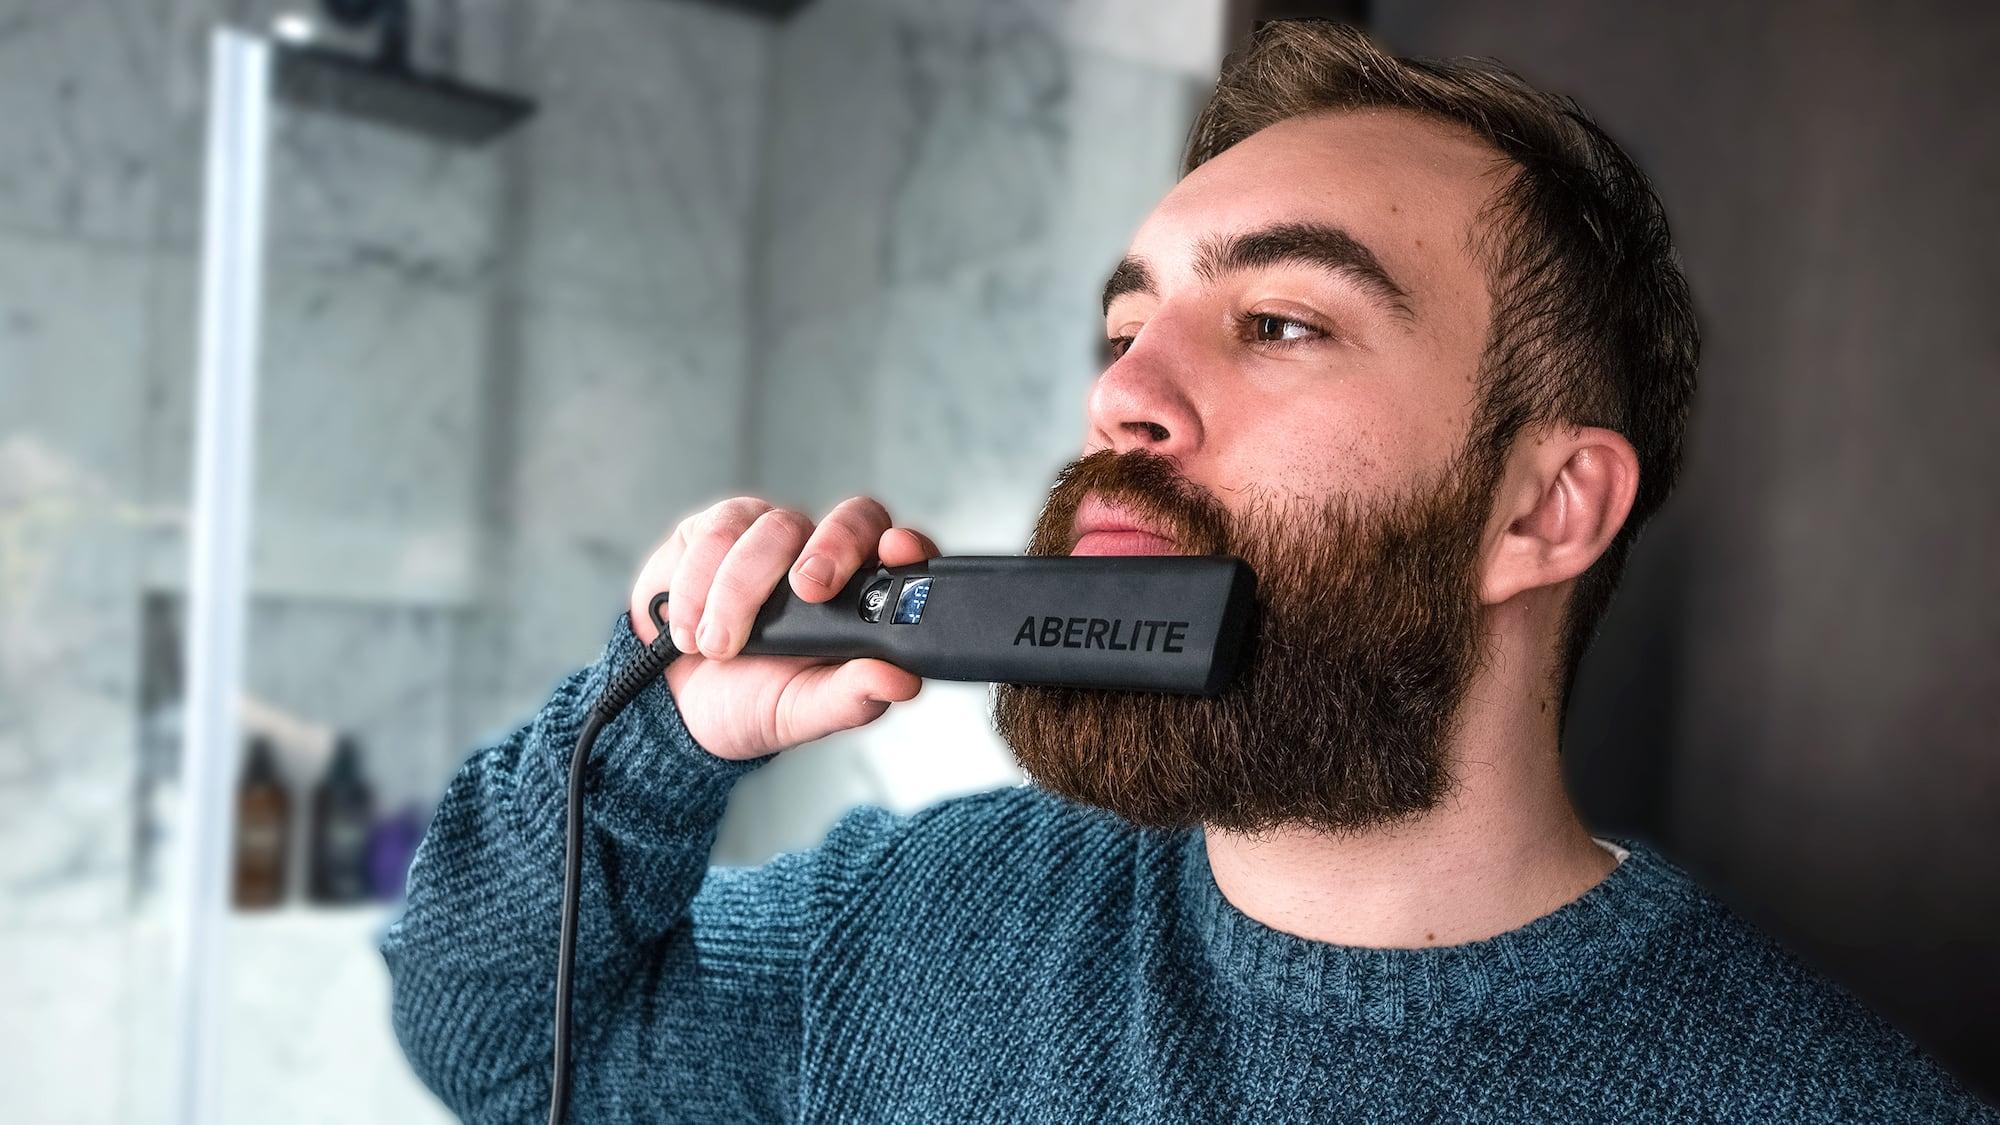 Aberlite Pro Beard and Hair Straightener